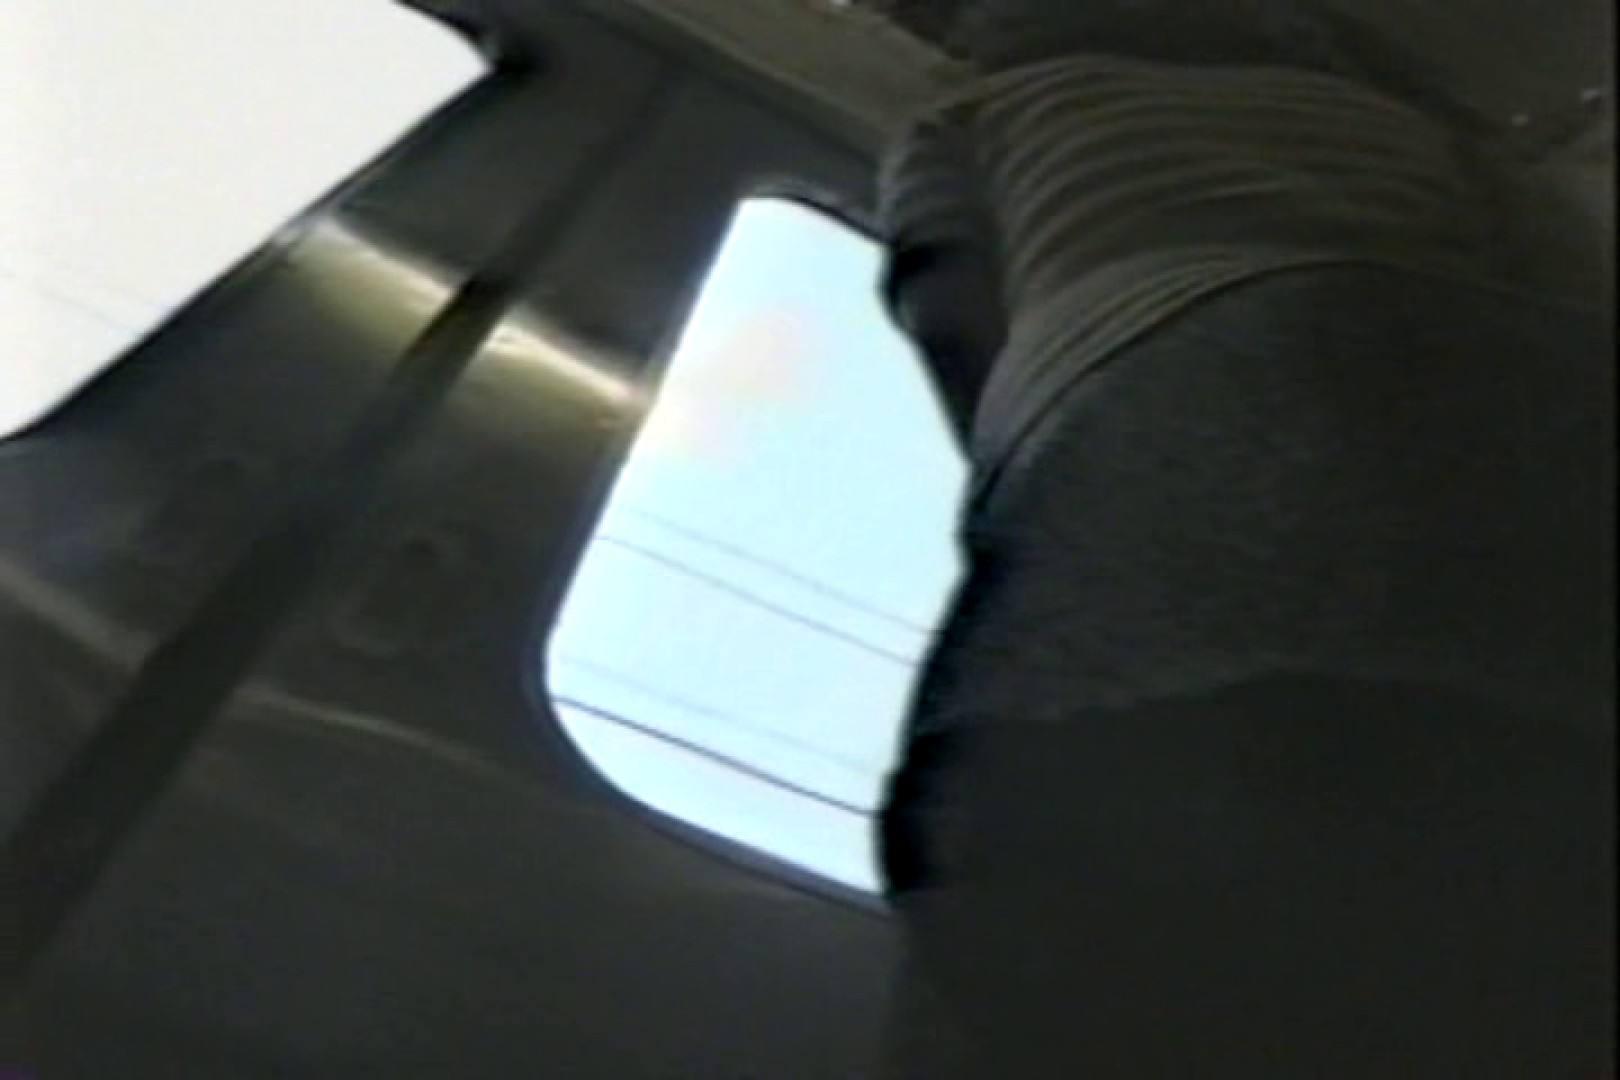 投稿盗撮 新ミニスカ覗きのパンツコレクション TK-103 投稿 AV動画キャプチャ 64PIX 28